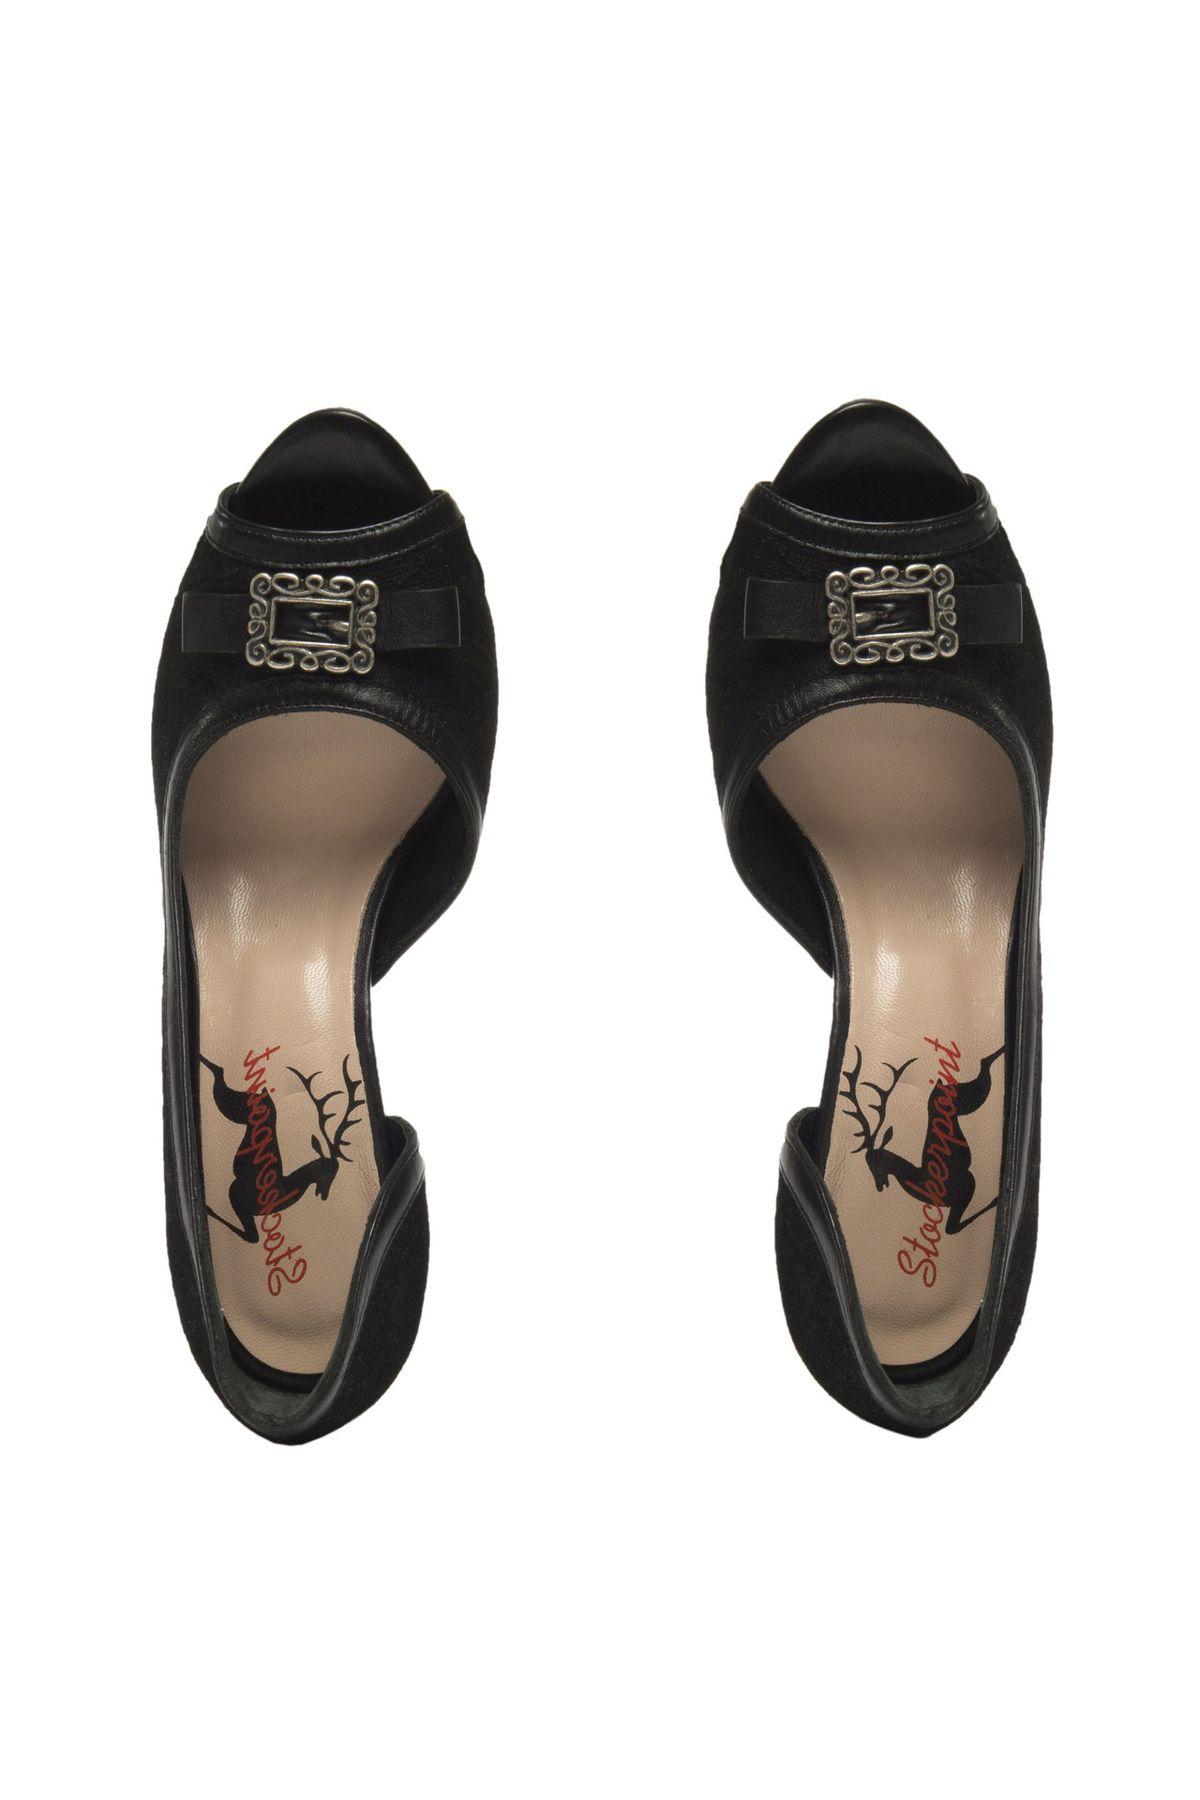 Stockerpoint- Damen Trachten Schuhe in Schwarz, 6015 – Bild 6